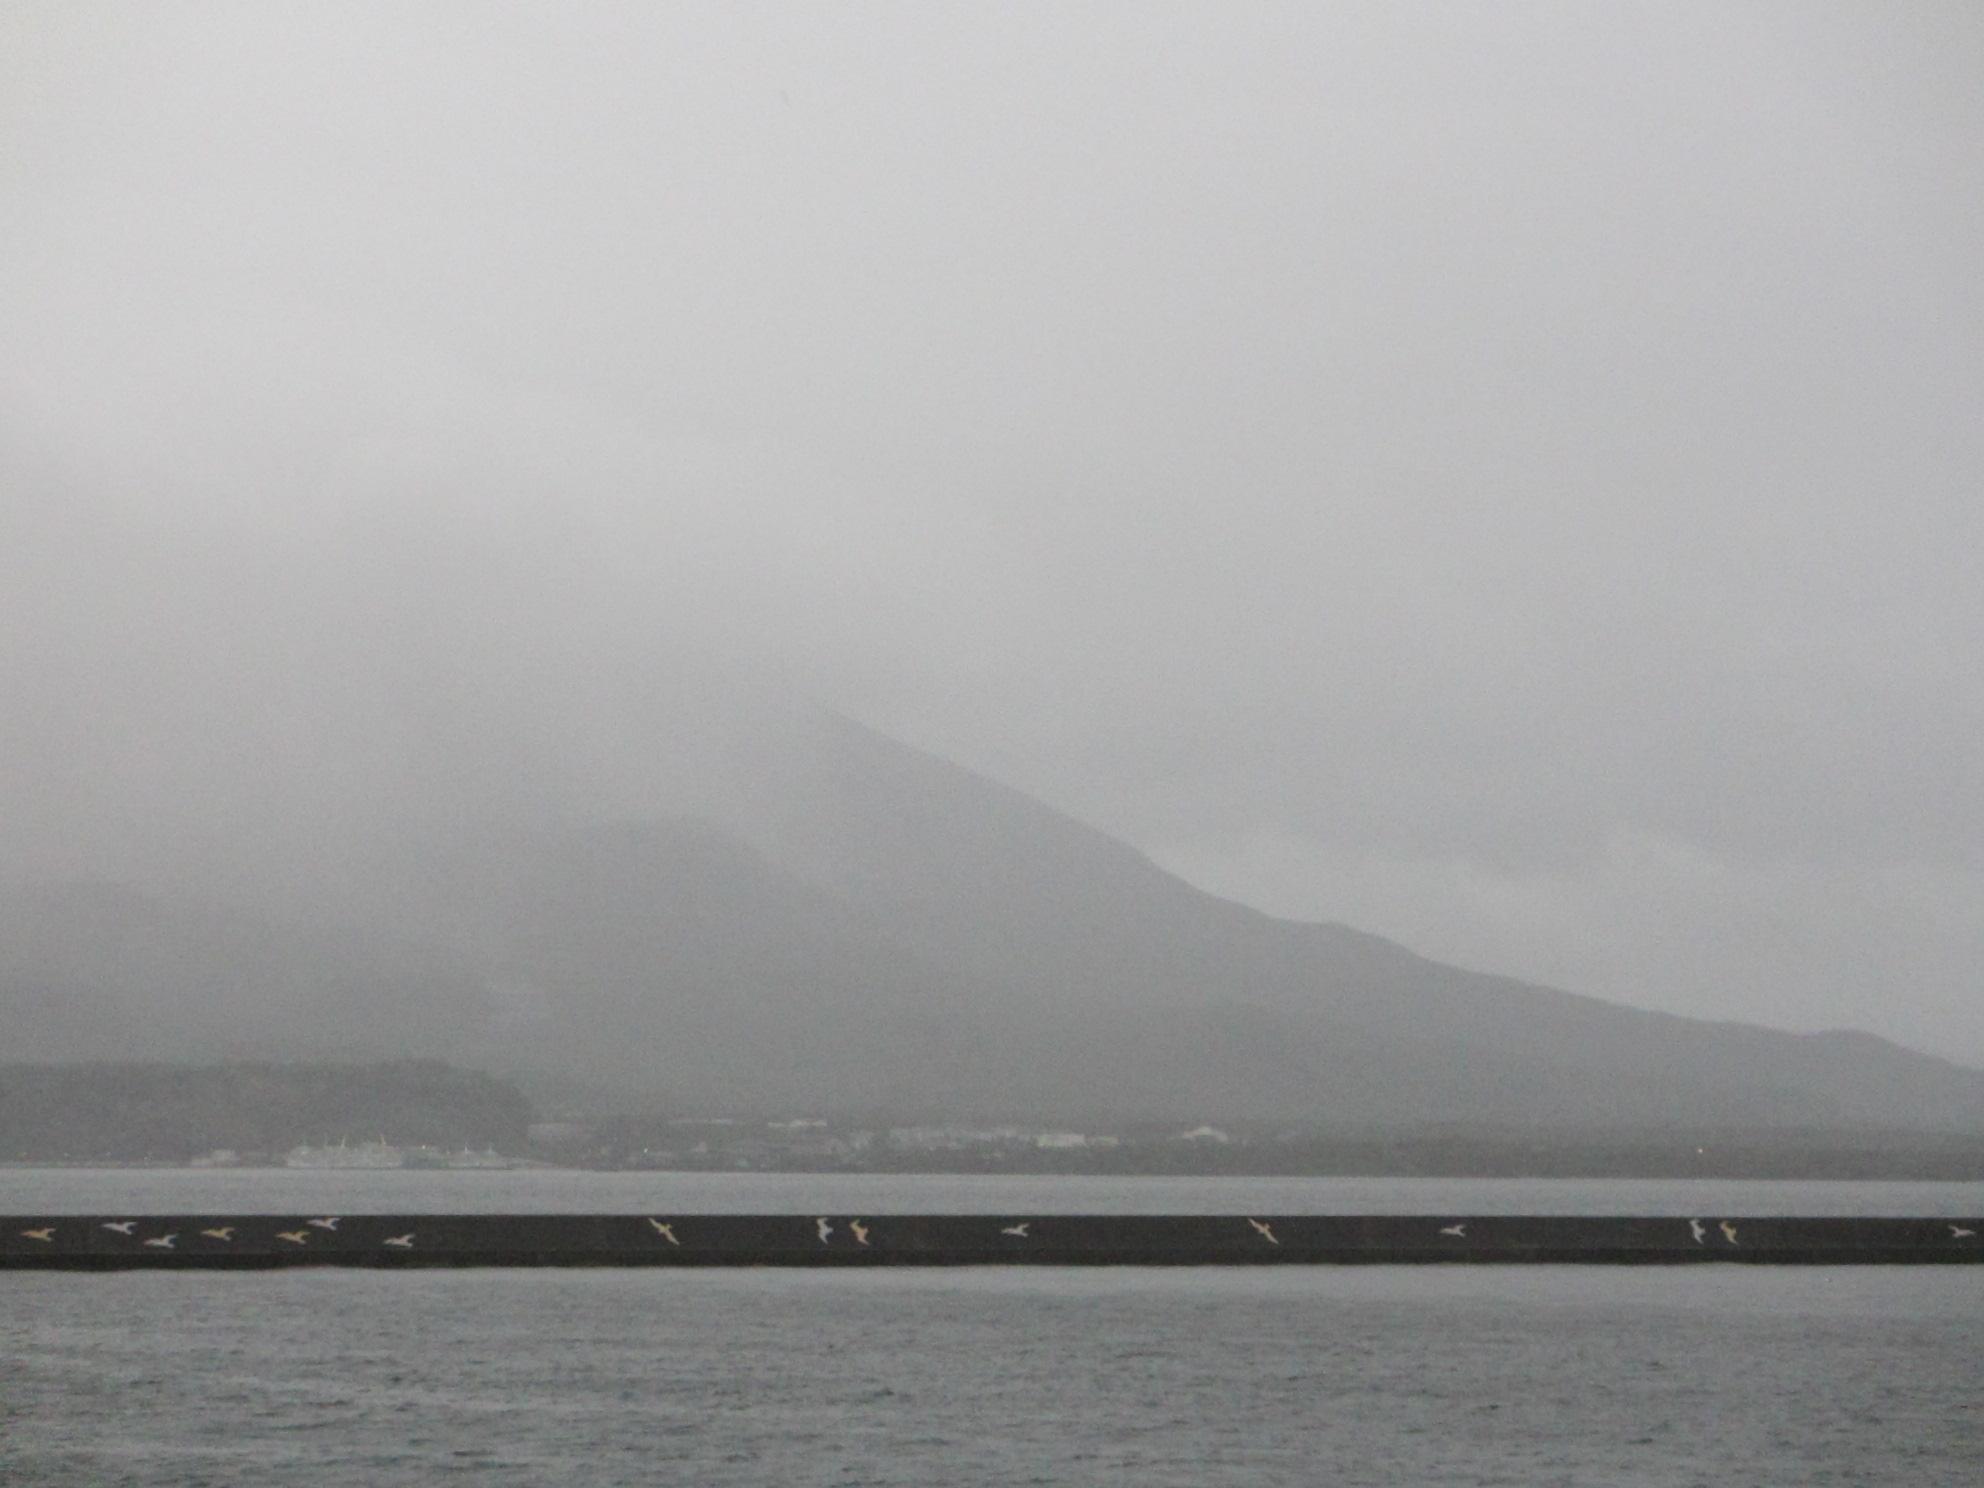 鹿児島帰郷レポート 桜島へ渡る_d0202264_2213256.jpg